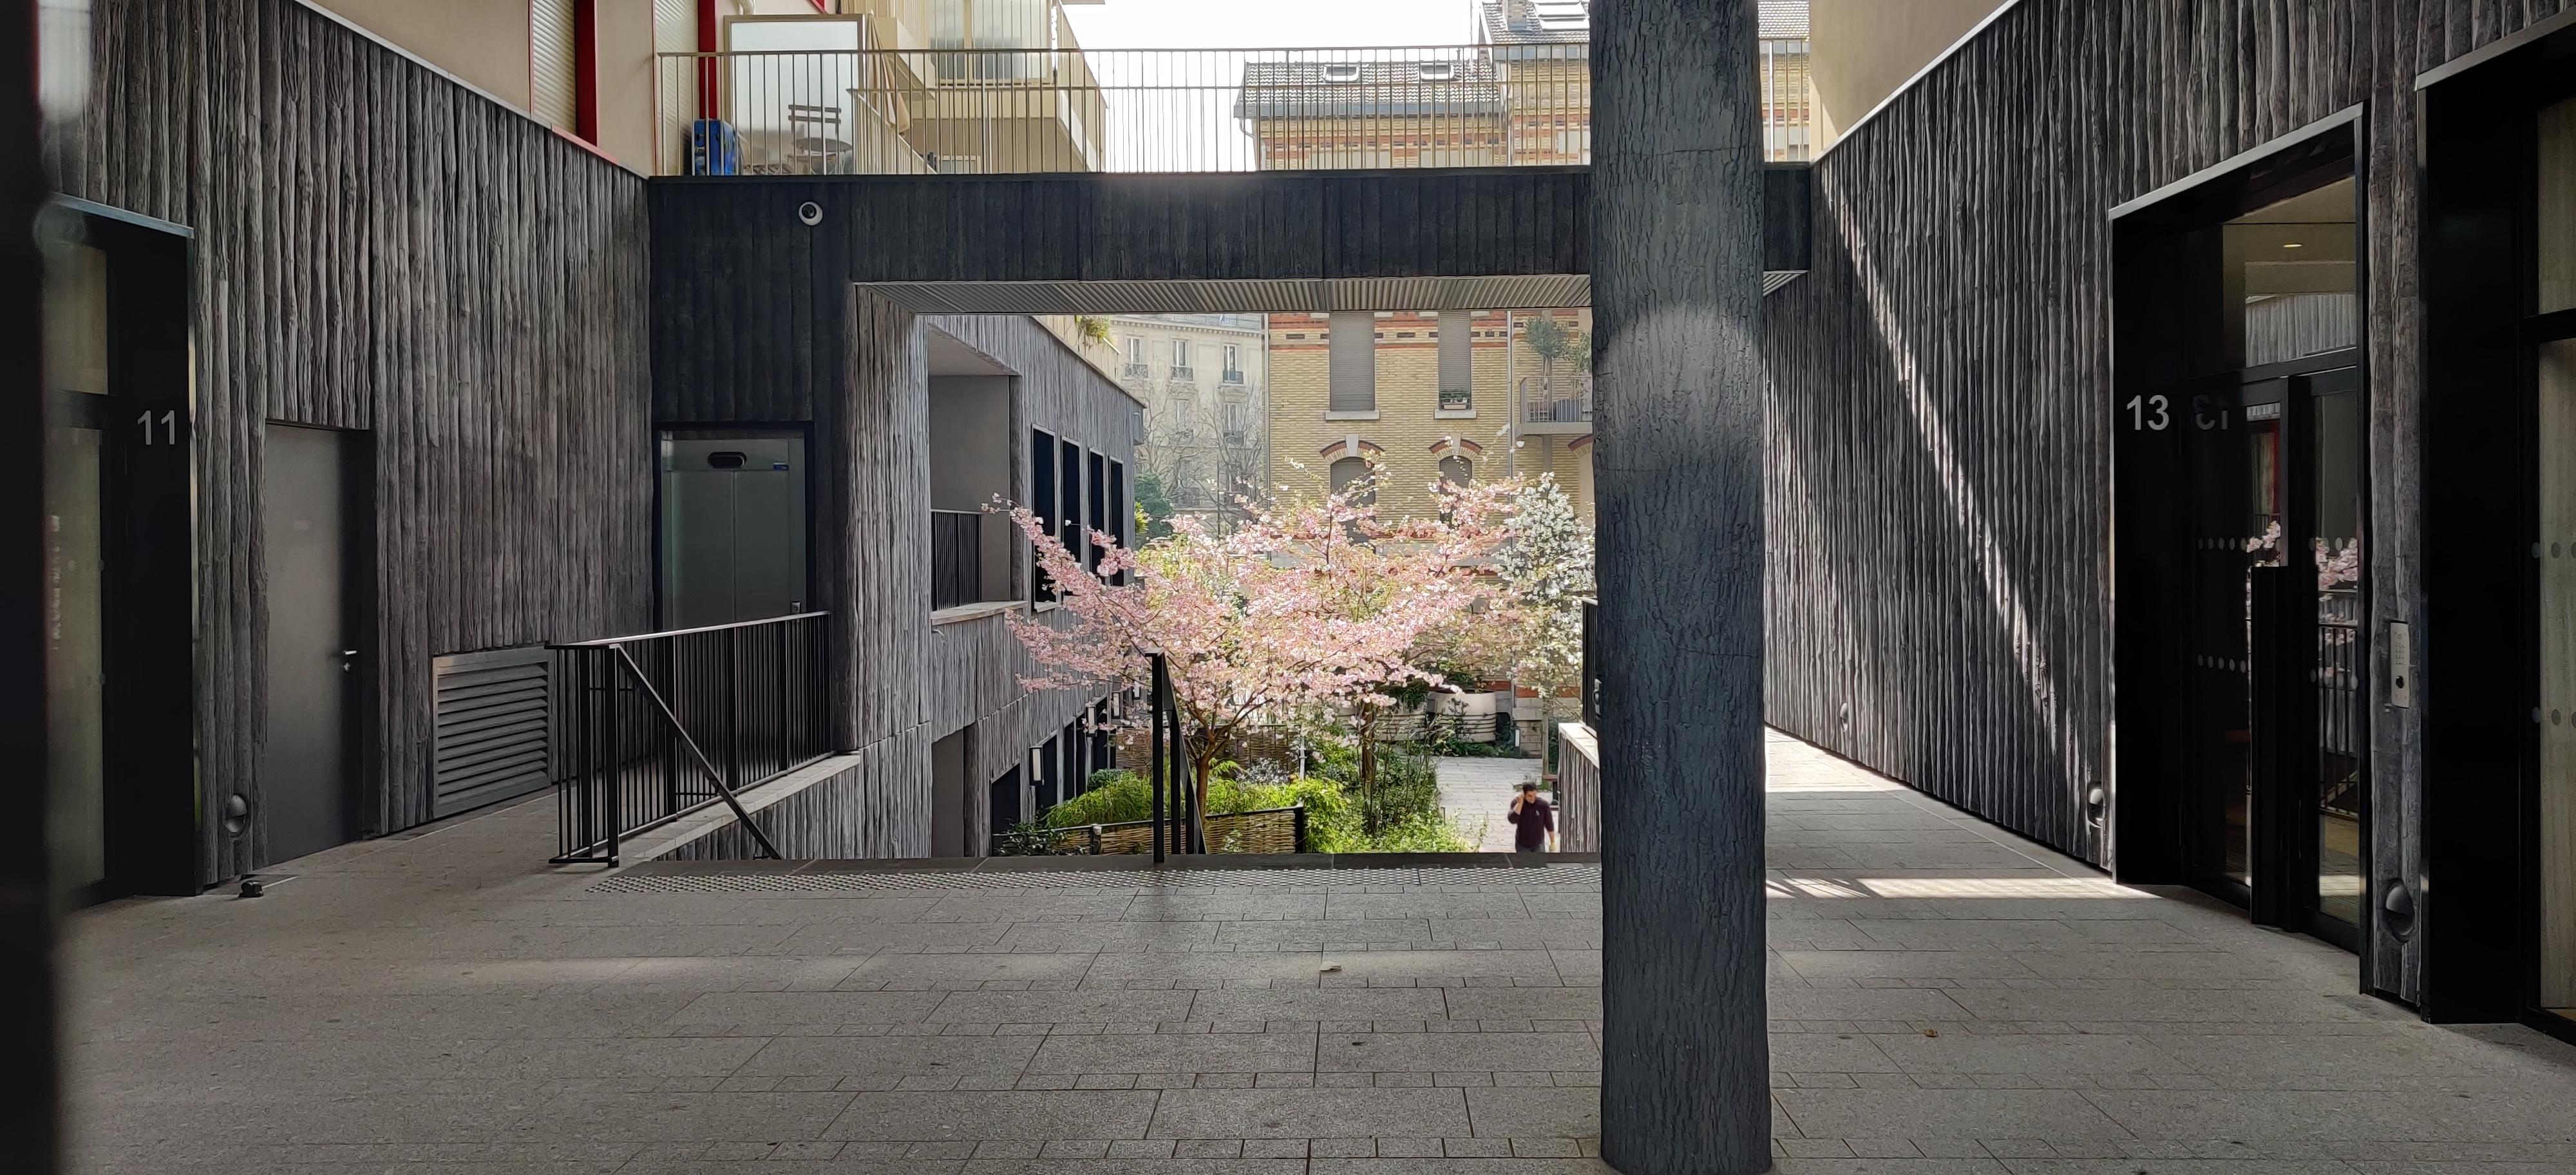 cour intérieur ZAC Sausssure-Pont Cardinet, 17eme Paris urbanisme architecture